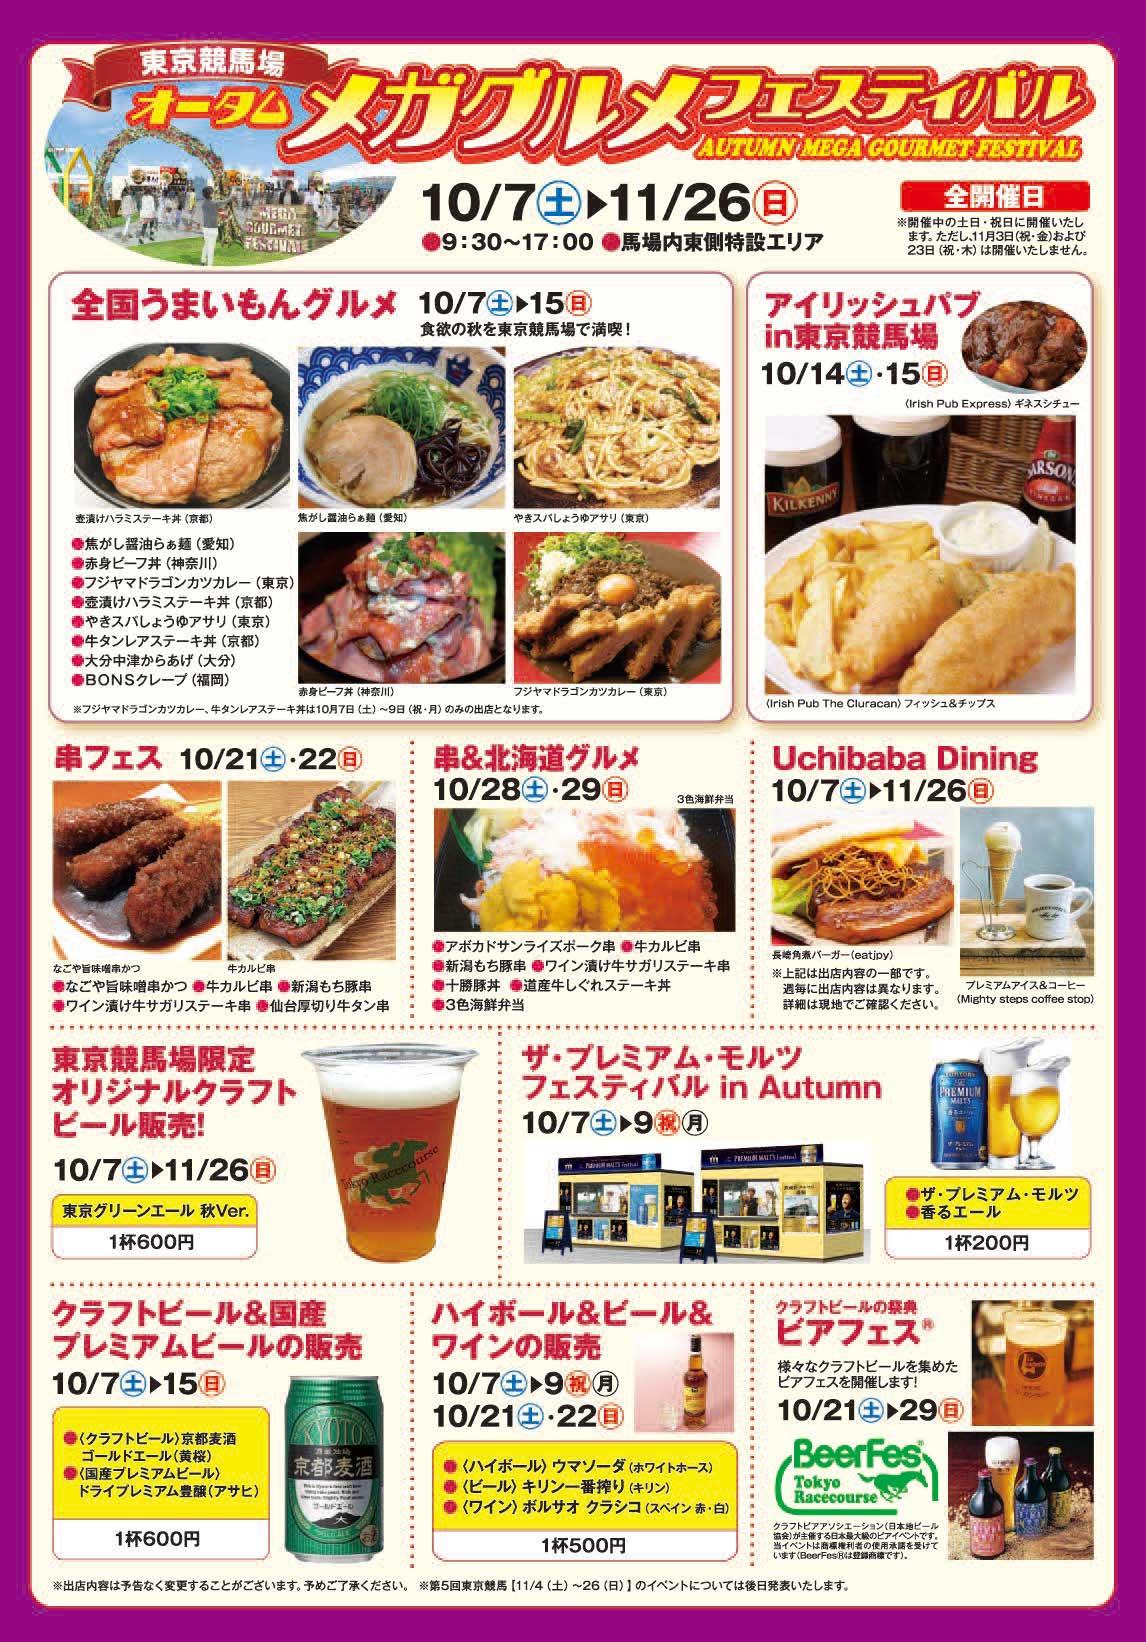 2017年10月東京競馬場イベント情報詳細02